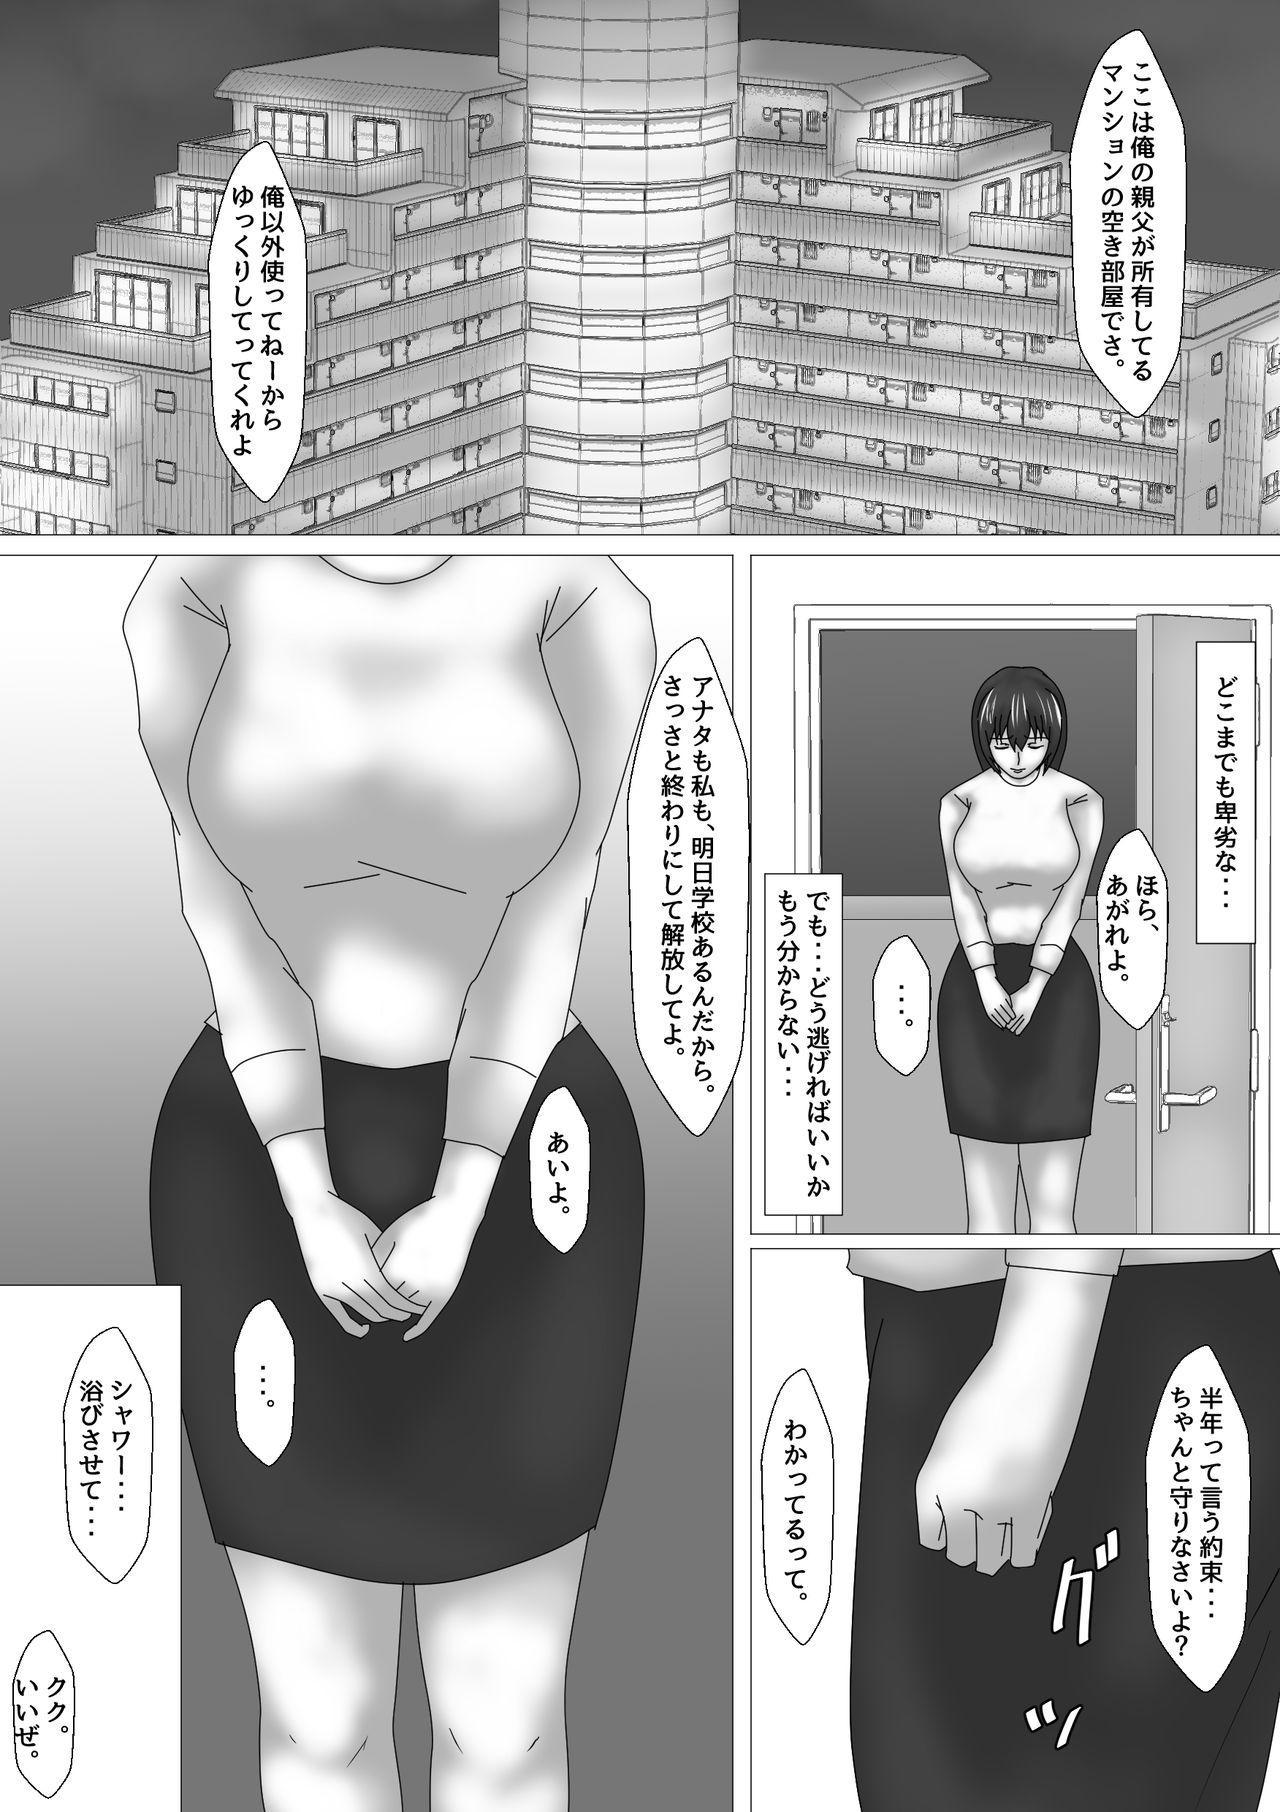 Onna Kyoushi Shinozaki Rin no Choukyou Kiroku 41